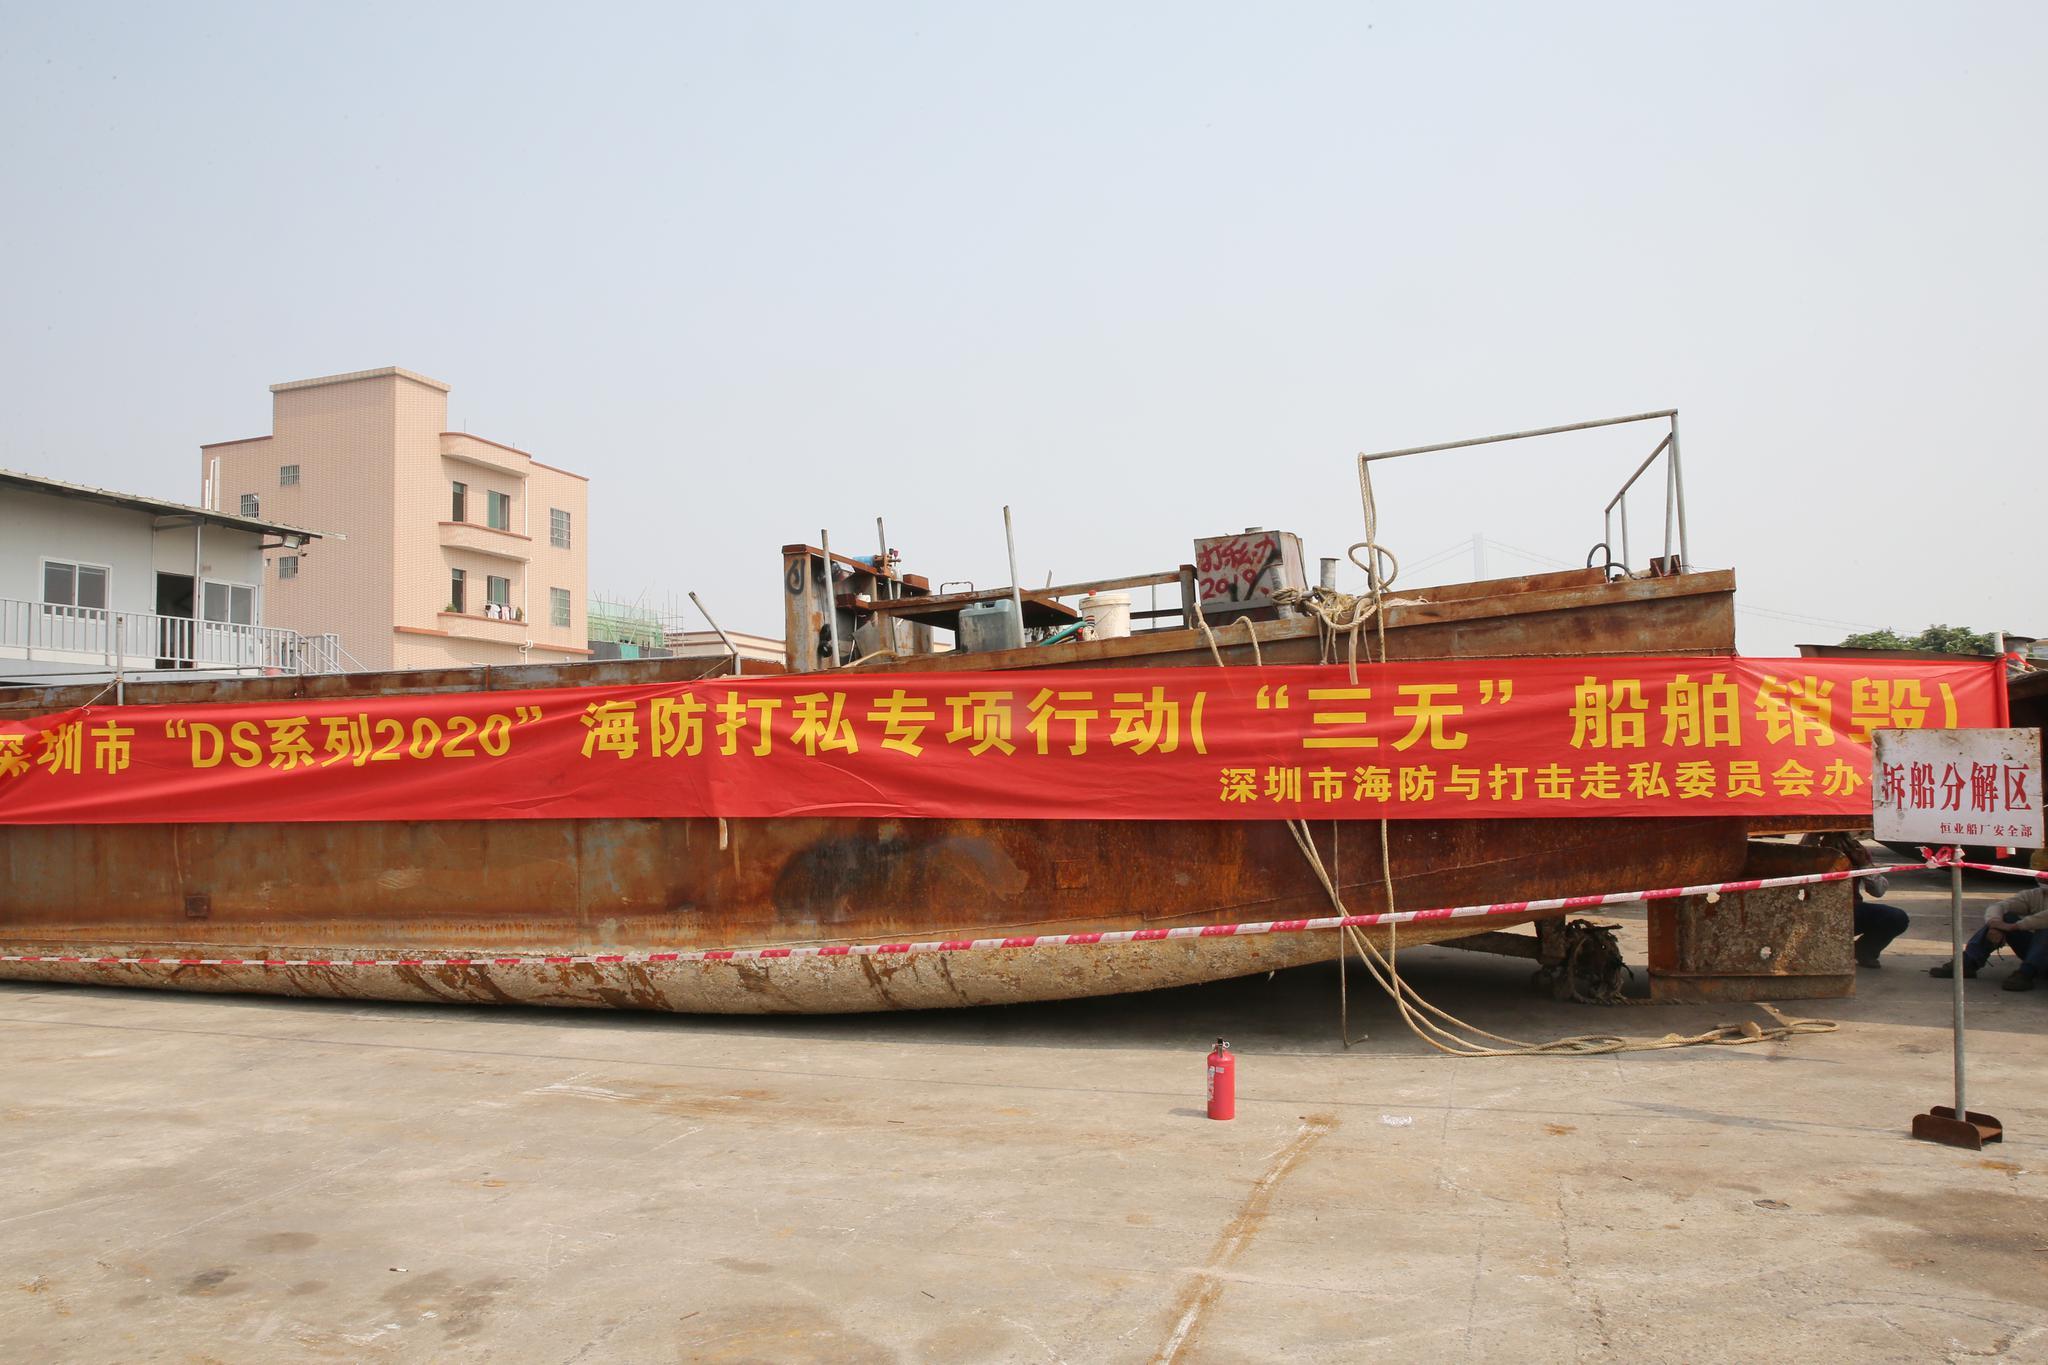 摩天主管:销毁45艘三无走私摩天主管船舶图片